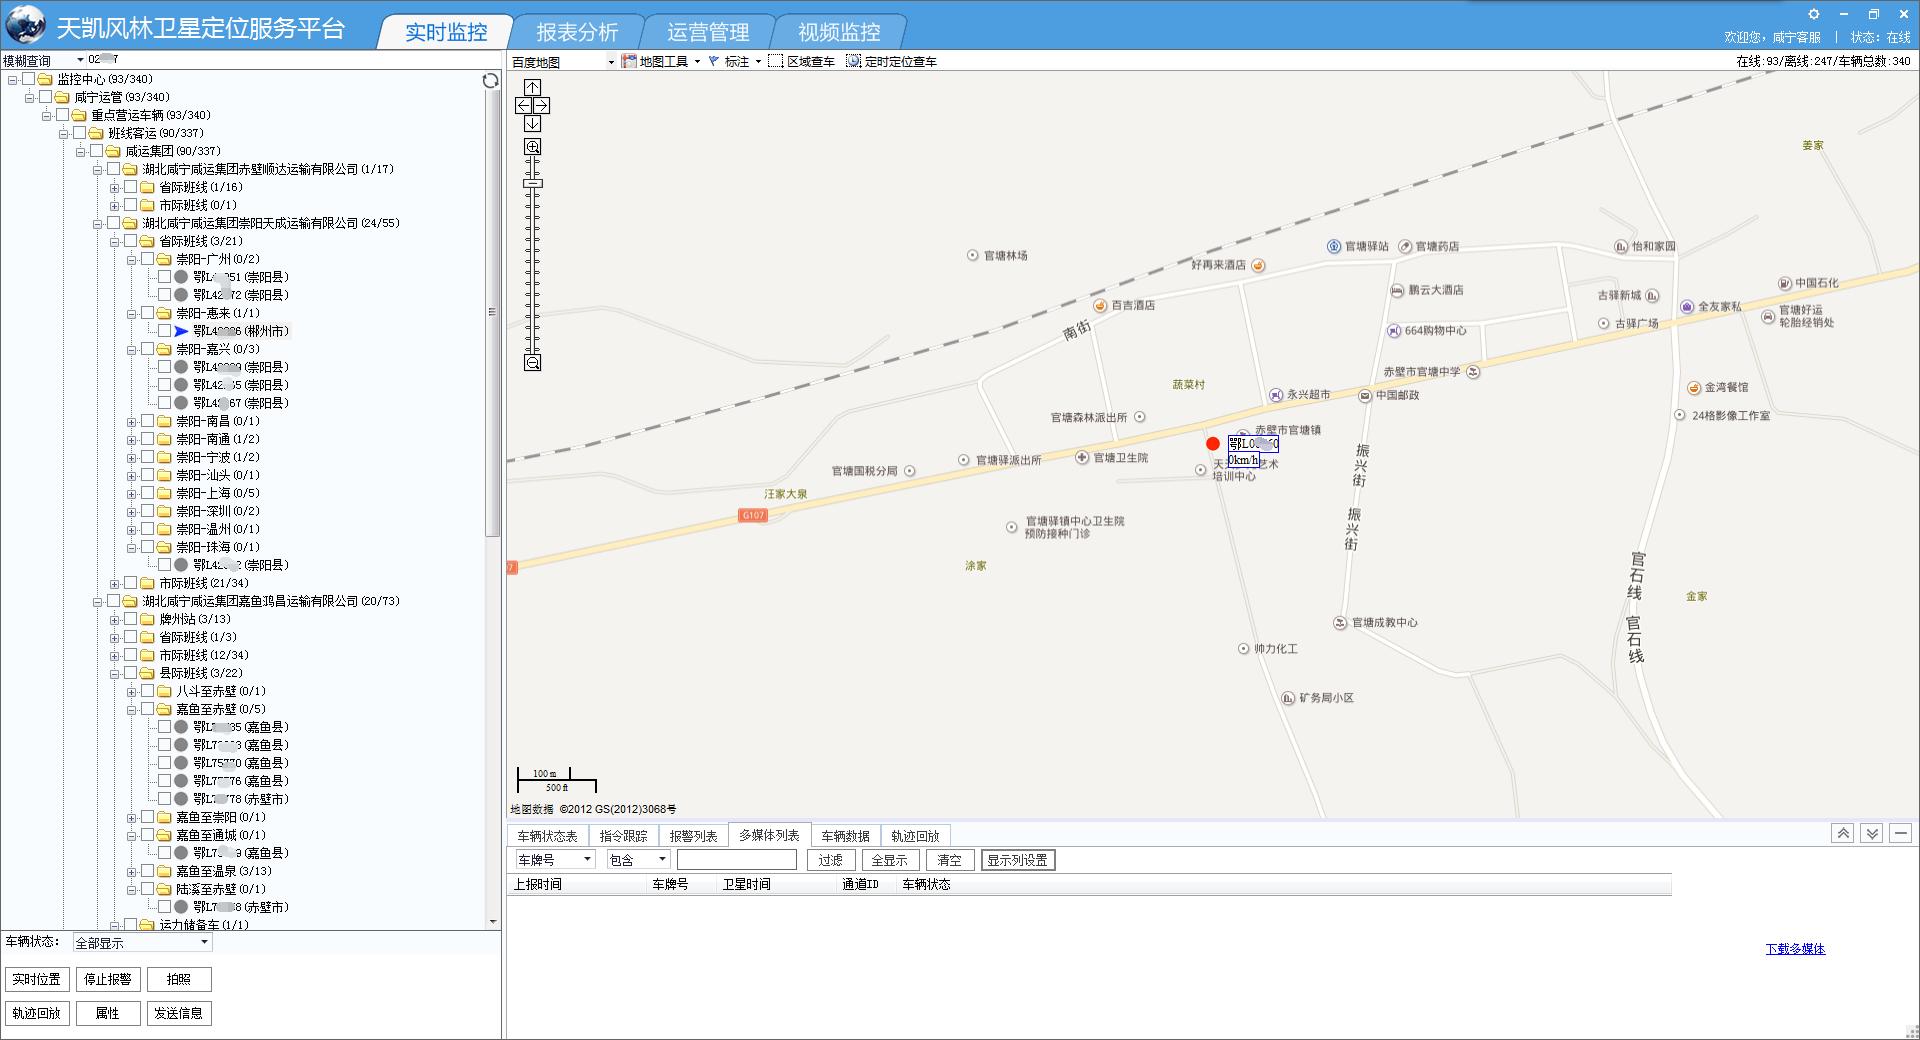 天凯风林卫星定位服务平台